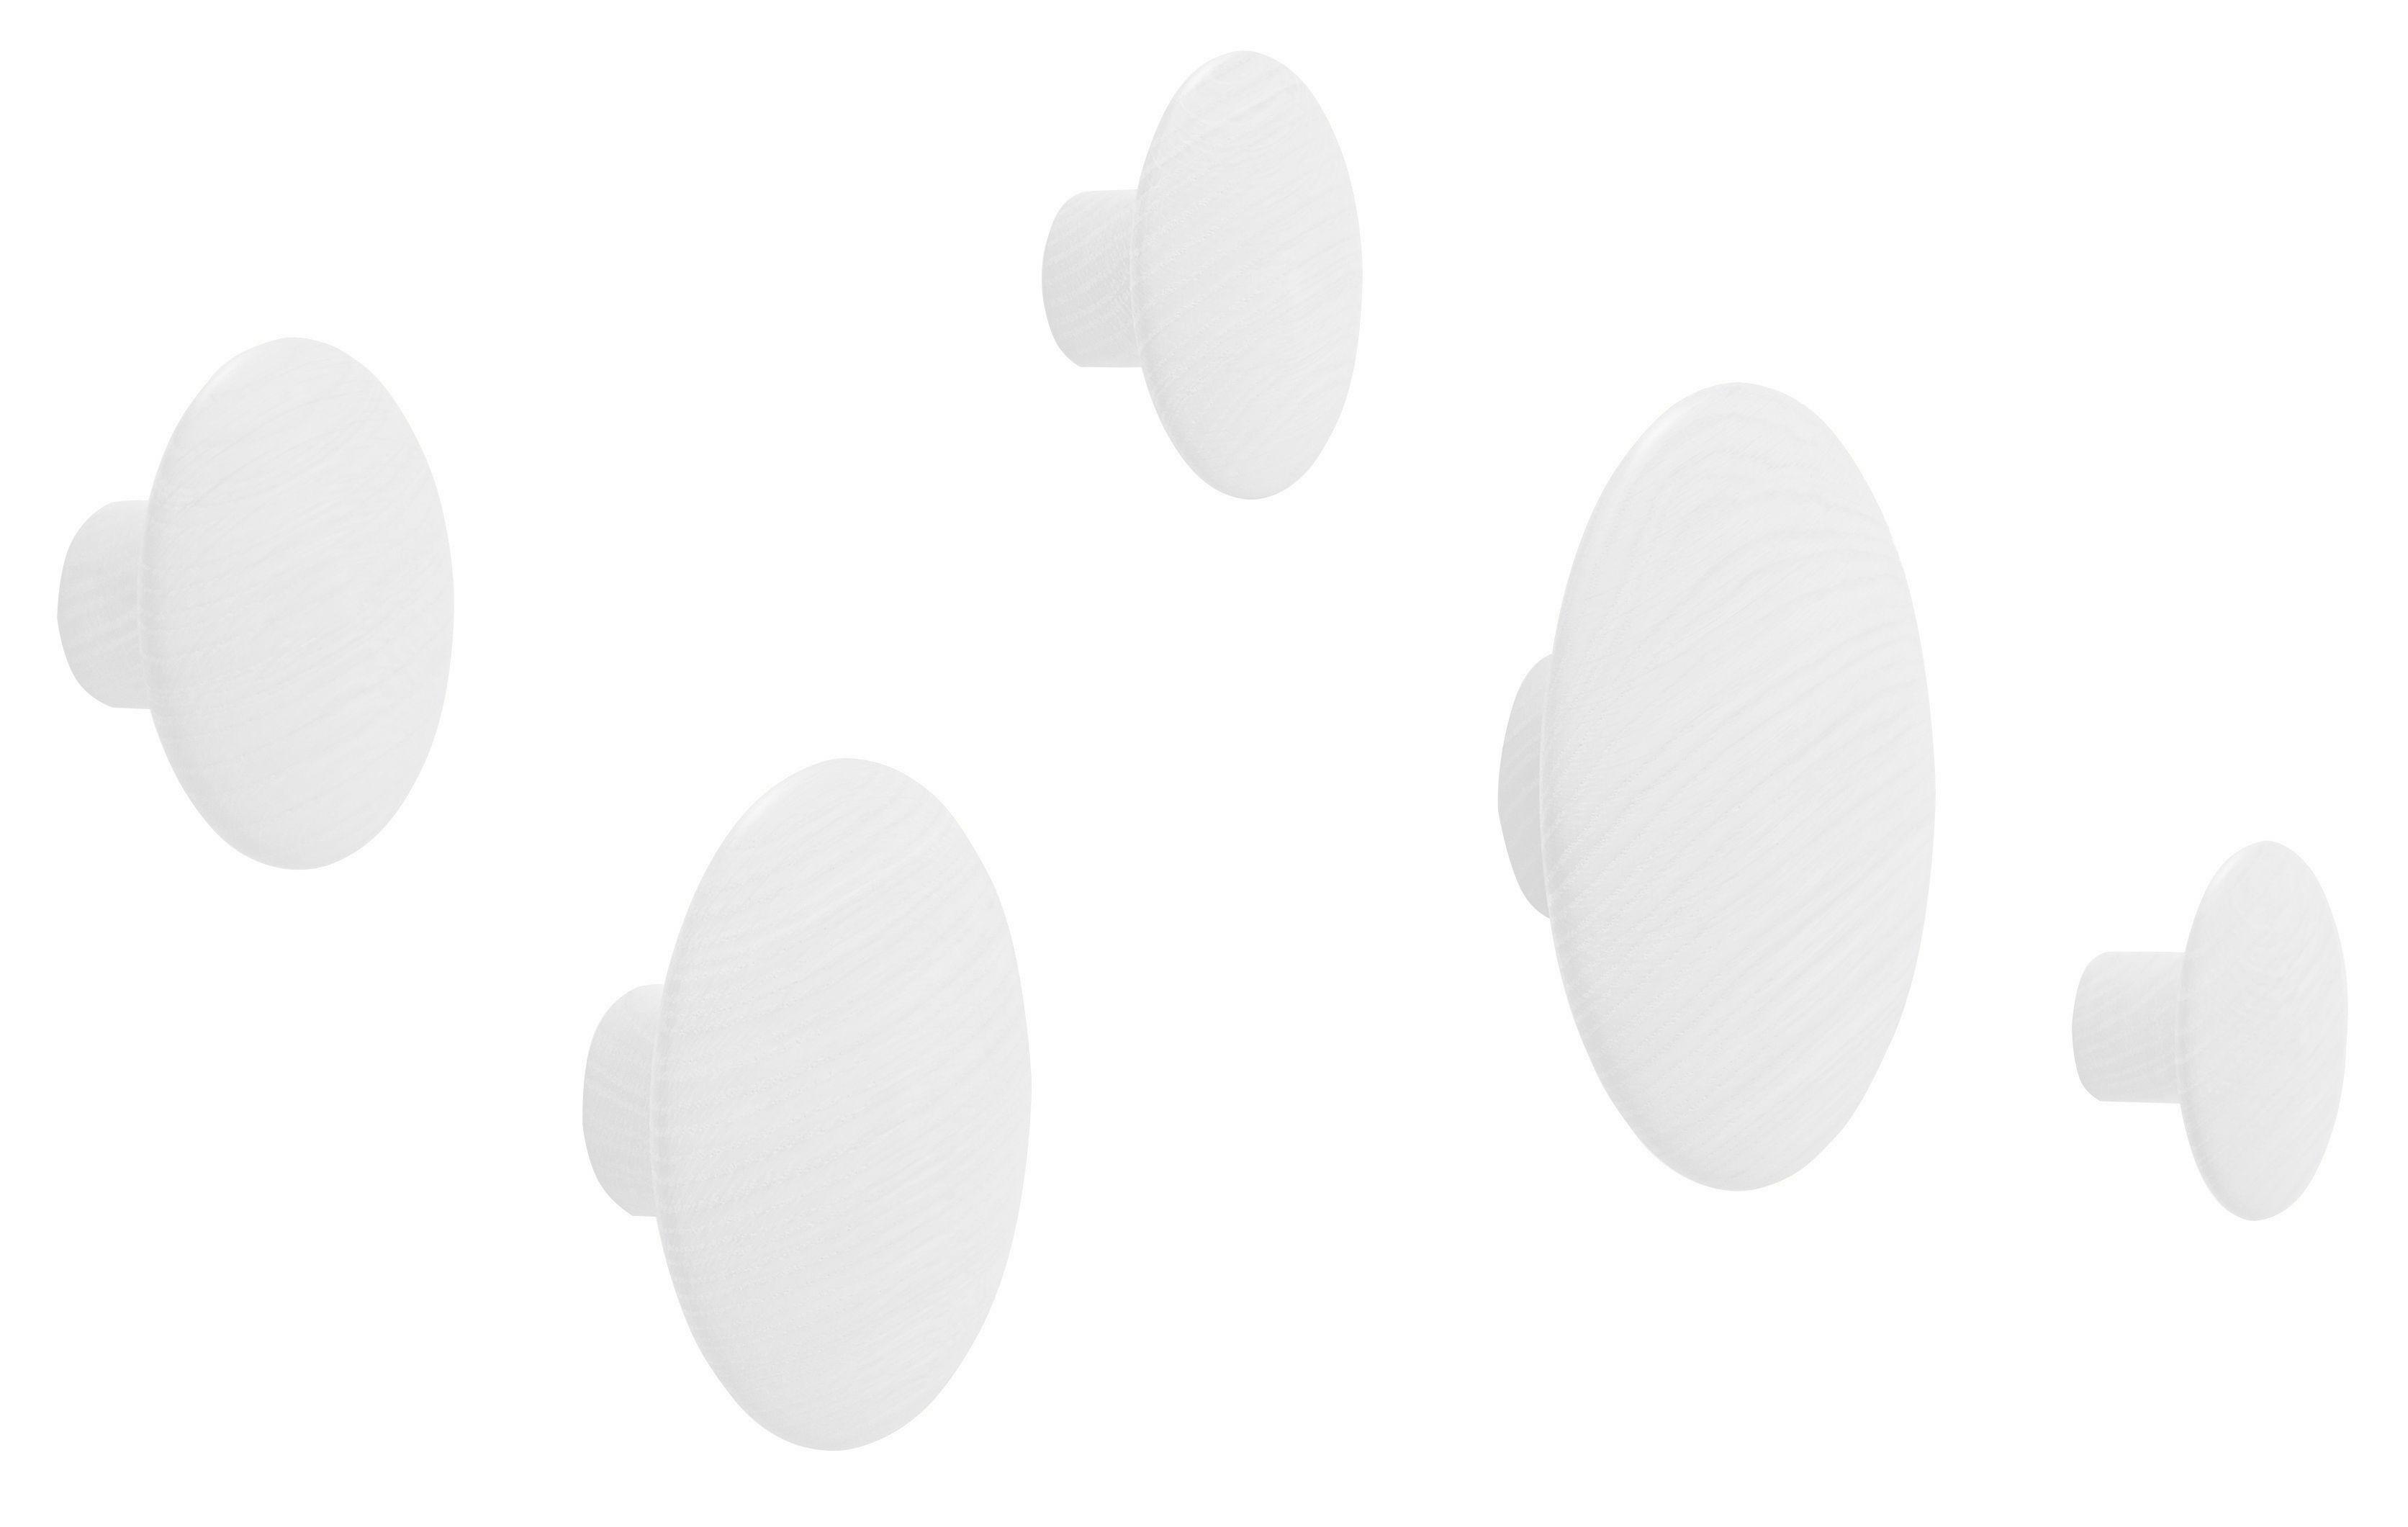 Arredamento - Appendiabiti  - Appendiabiti The Dots Wood - Set di 5 di Muuto - Bianco - Frassino tinto